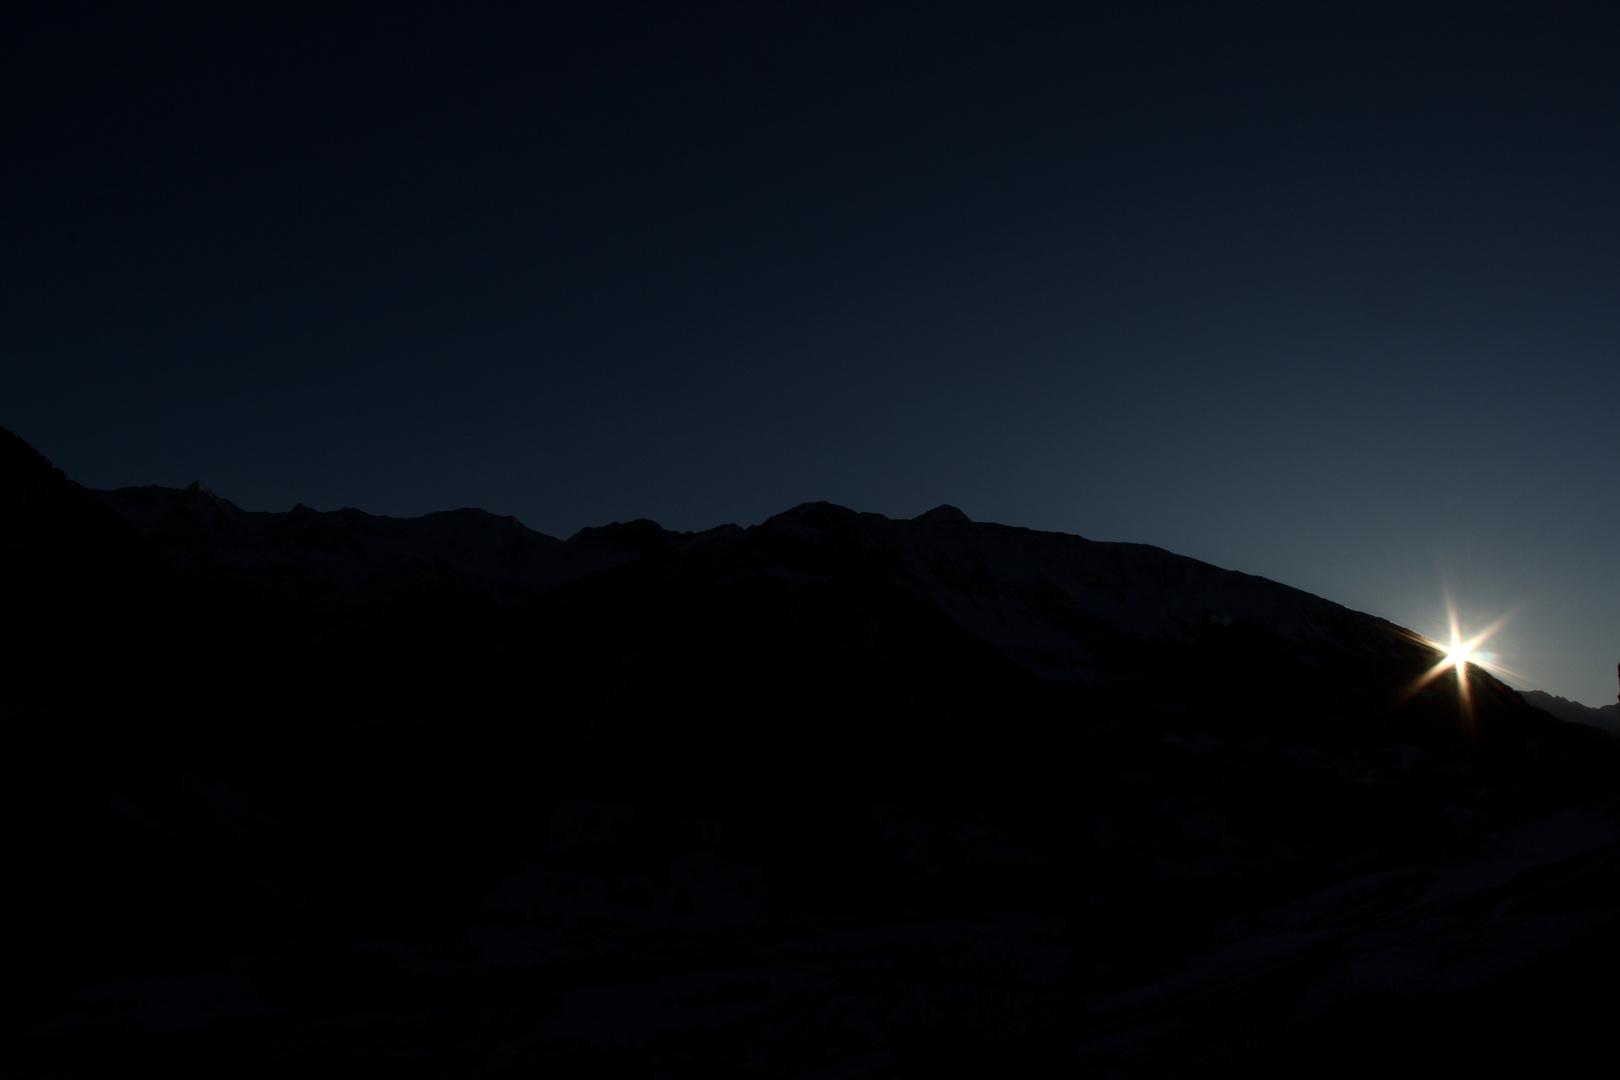 la Garvera und der Sonnenuntergang (Surselva/Schweiz)